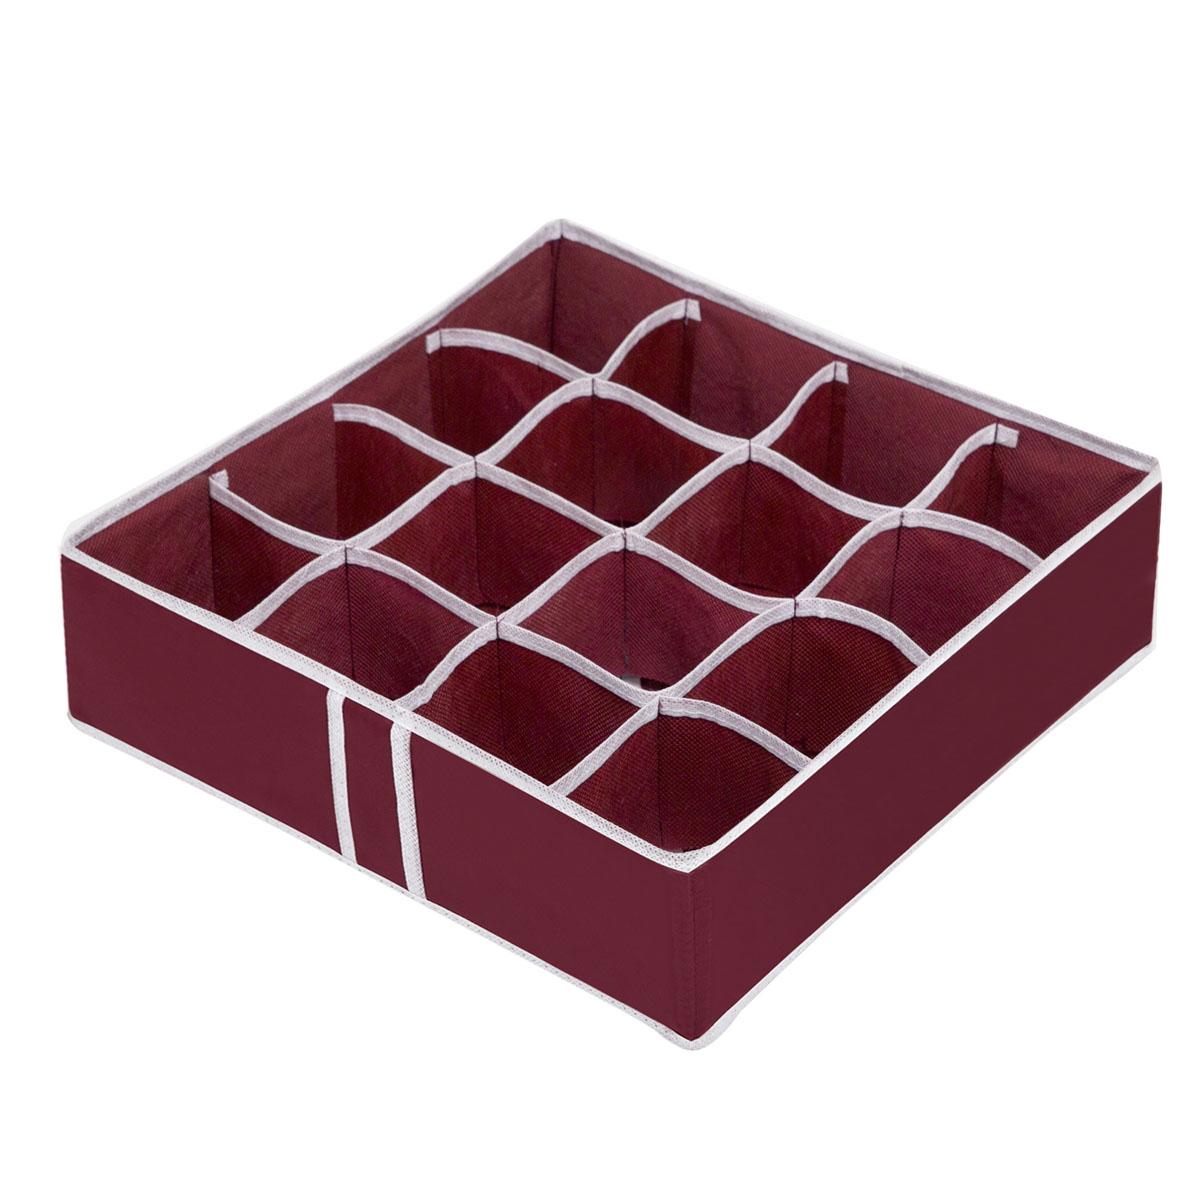 Органайзер для хранения вещей Homsu Red Rose, 16 секций, 35 x 35 x 10 смHOM-14Компактный складной органайзер Homsu Red Rose изготовлен из высококачественного полиэстера, который обеспечивает естественную вентиляцию. Материал позволяет воздуху свободно проникать внутрь, но не пропускает пыль. Органайзер отлично держит форму, благодаря вставкам из плотного картона. Изделие имеет 16 квадратных секций для хранения нижнего белья, колготок, носков и другой одежды. Такой органайзер позволит вам хранить вещи компактно и удобно. Размер секции: 8 х 8 см.